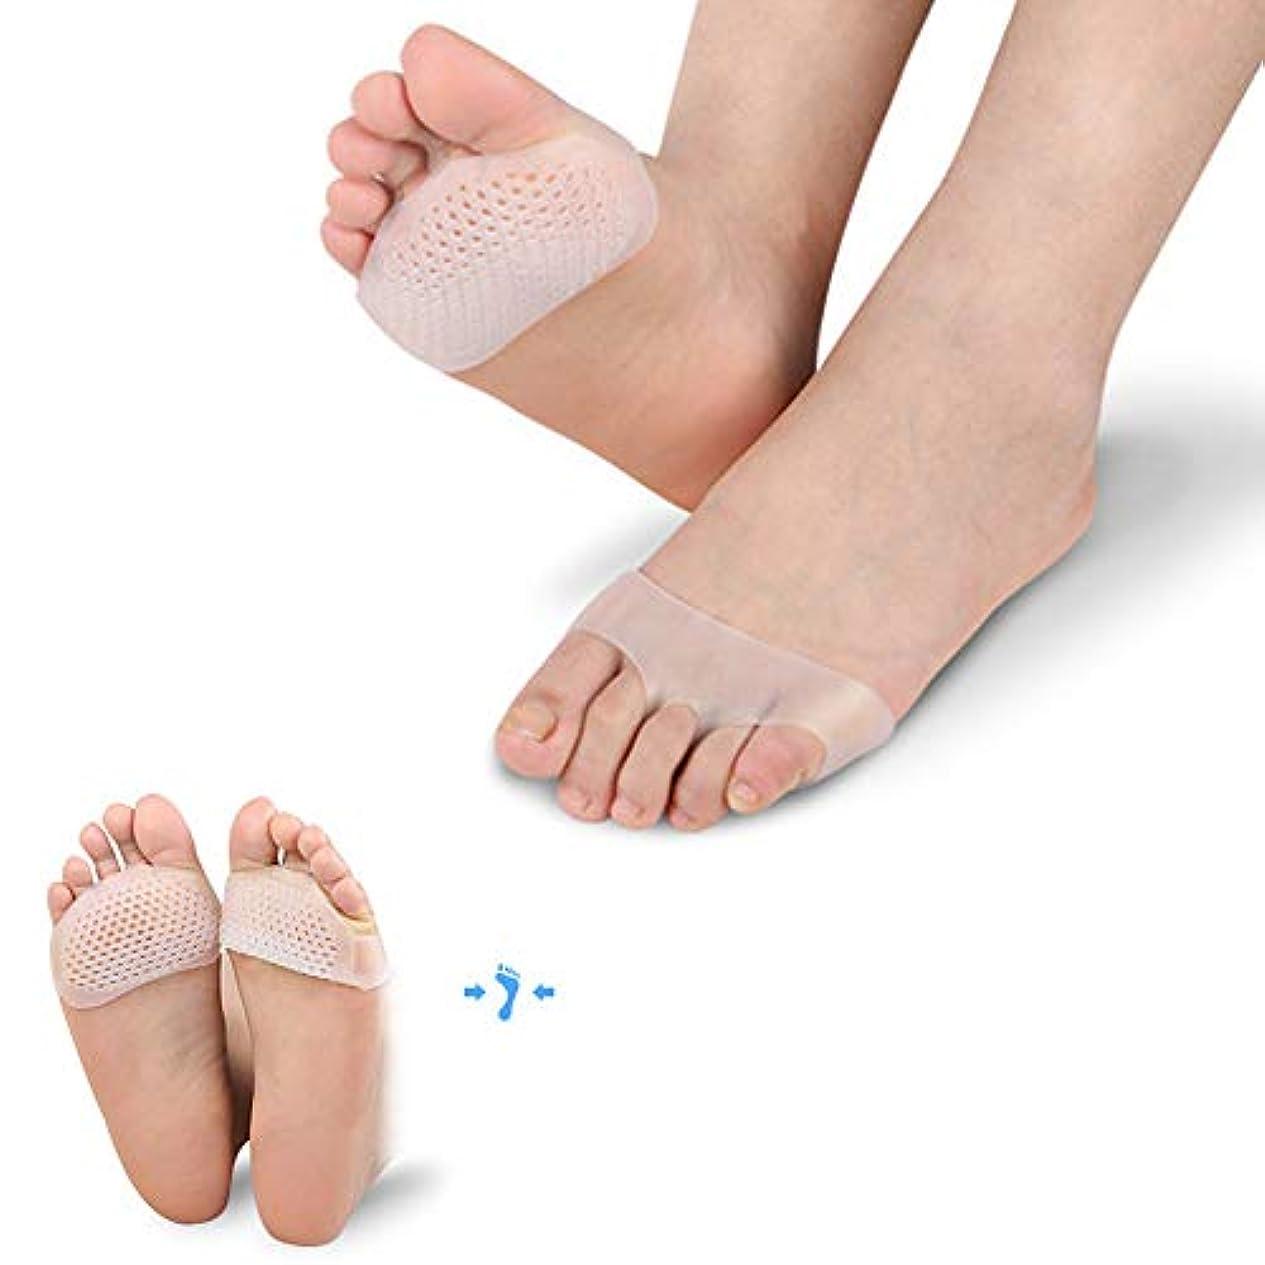 統合カール句読点5ペアシリコンつま先セパレータ痛み緩和クッションソフトジェルインソール前足パッド見えない靴スリップ耐性インソールフットケア